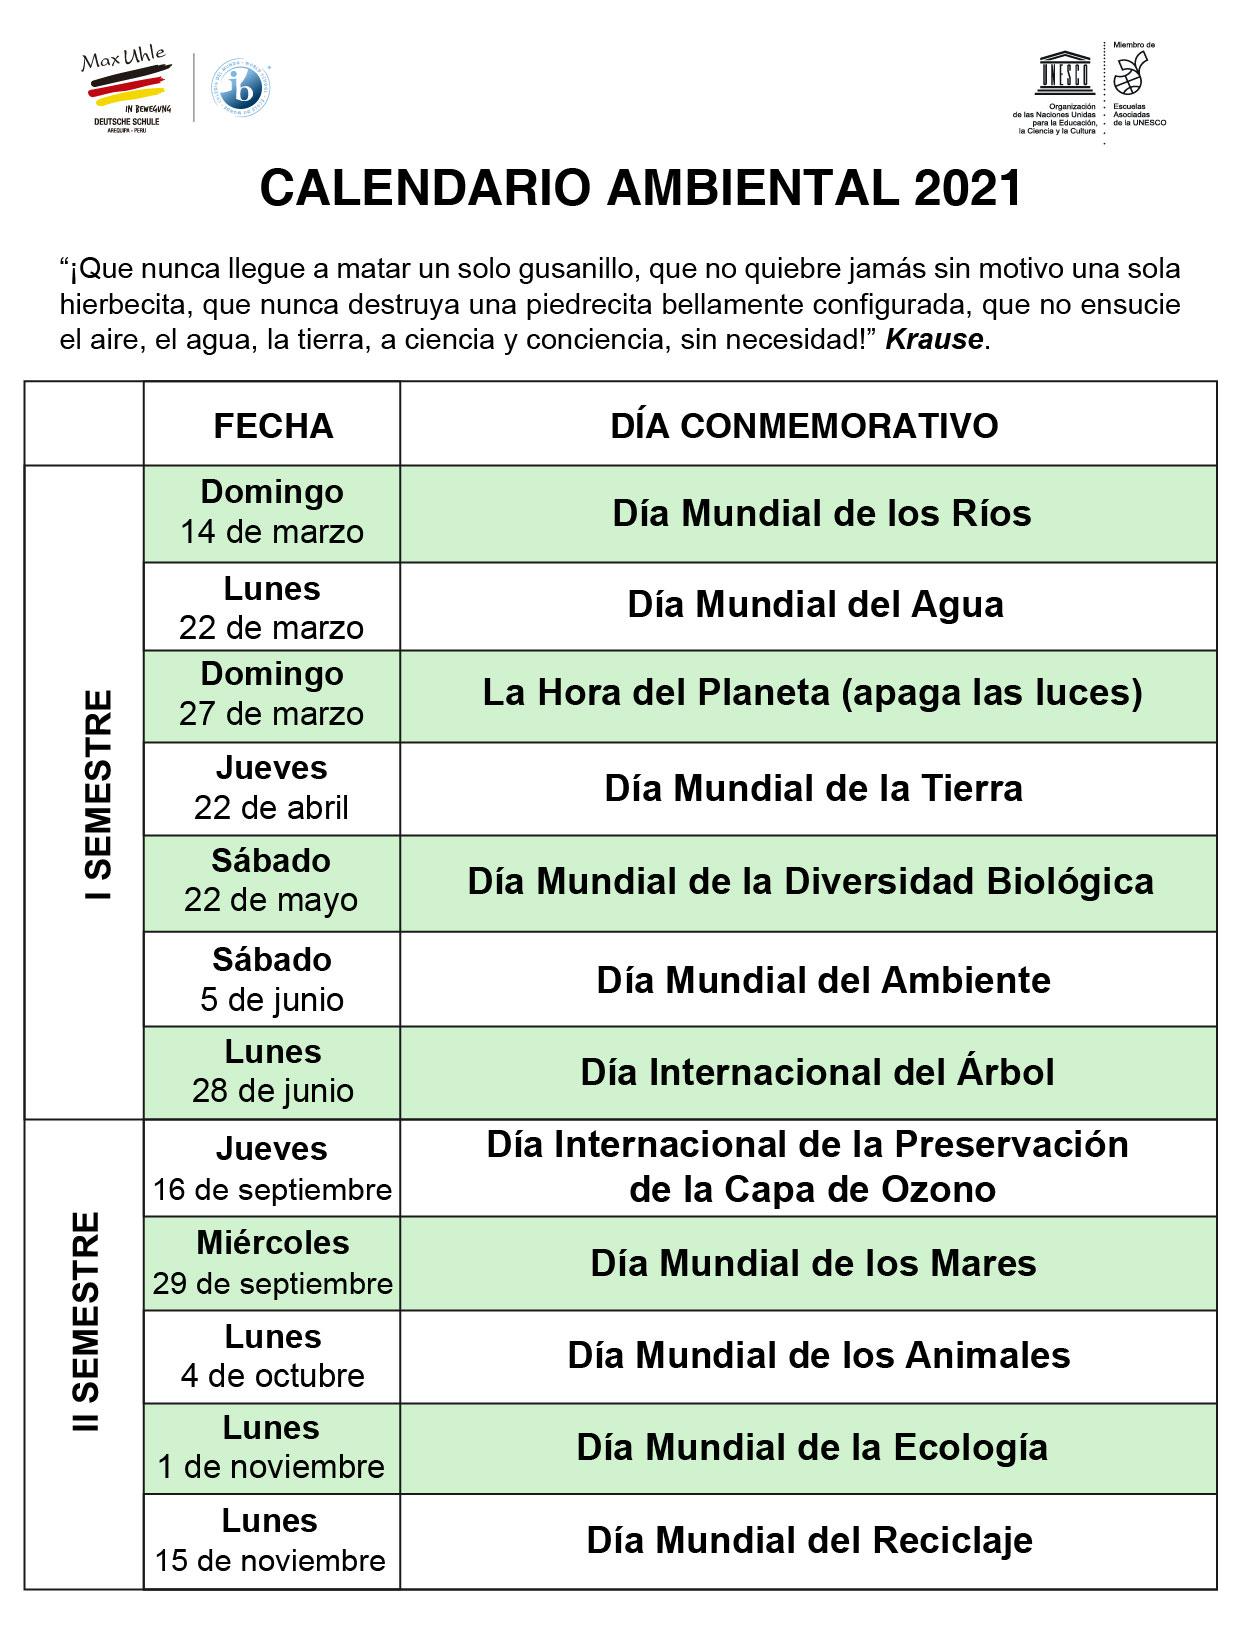 calendario ambiental en español